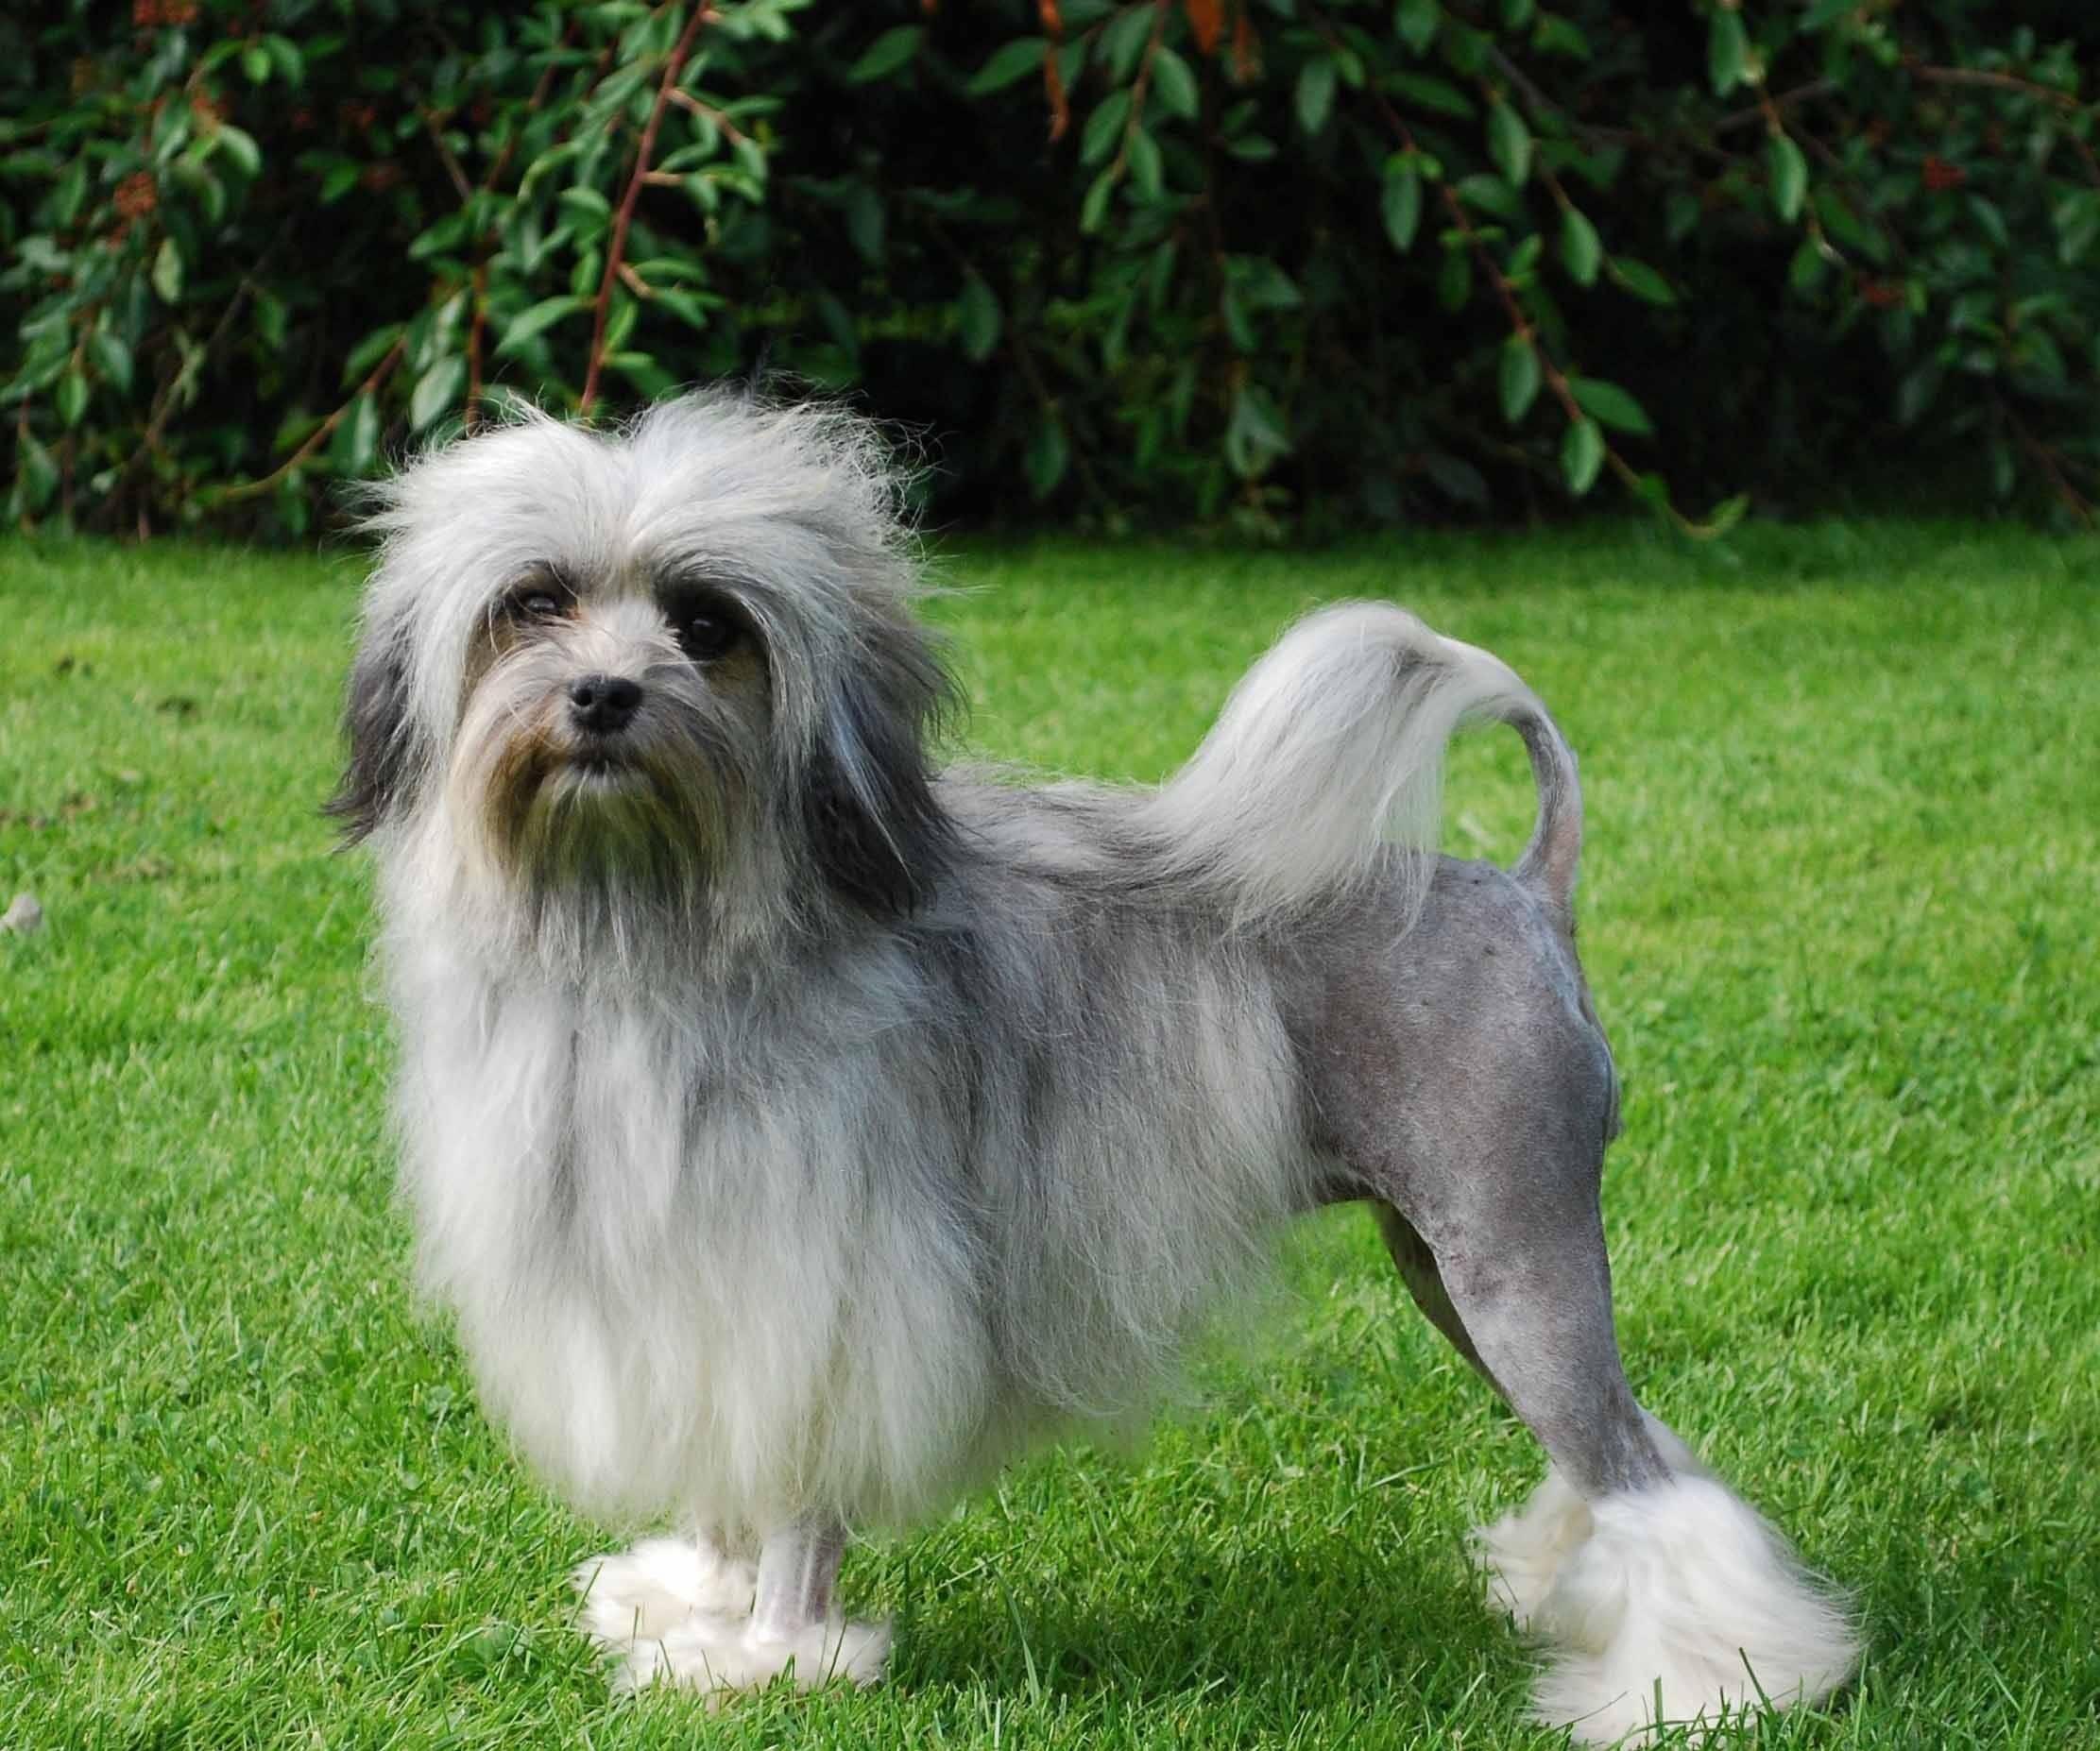 17 прелестных пород собак, о которых вы никогда не слышали - удивительный мир животных